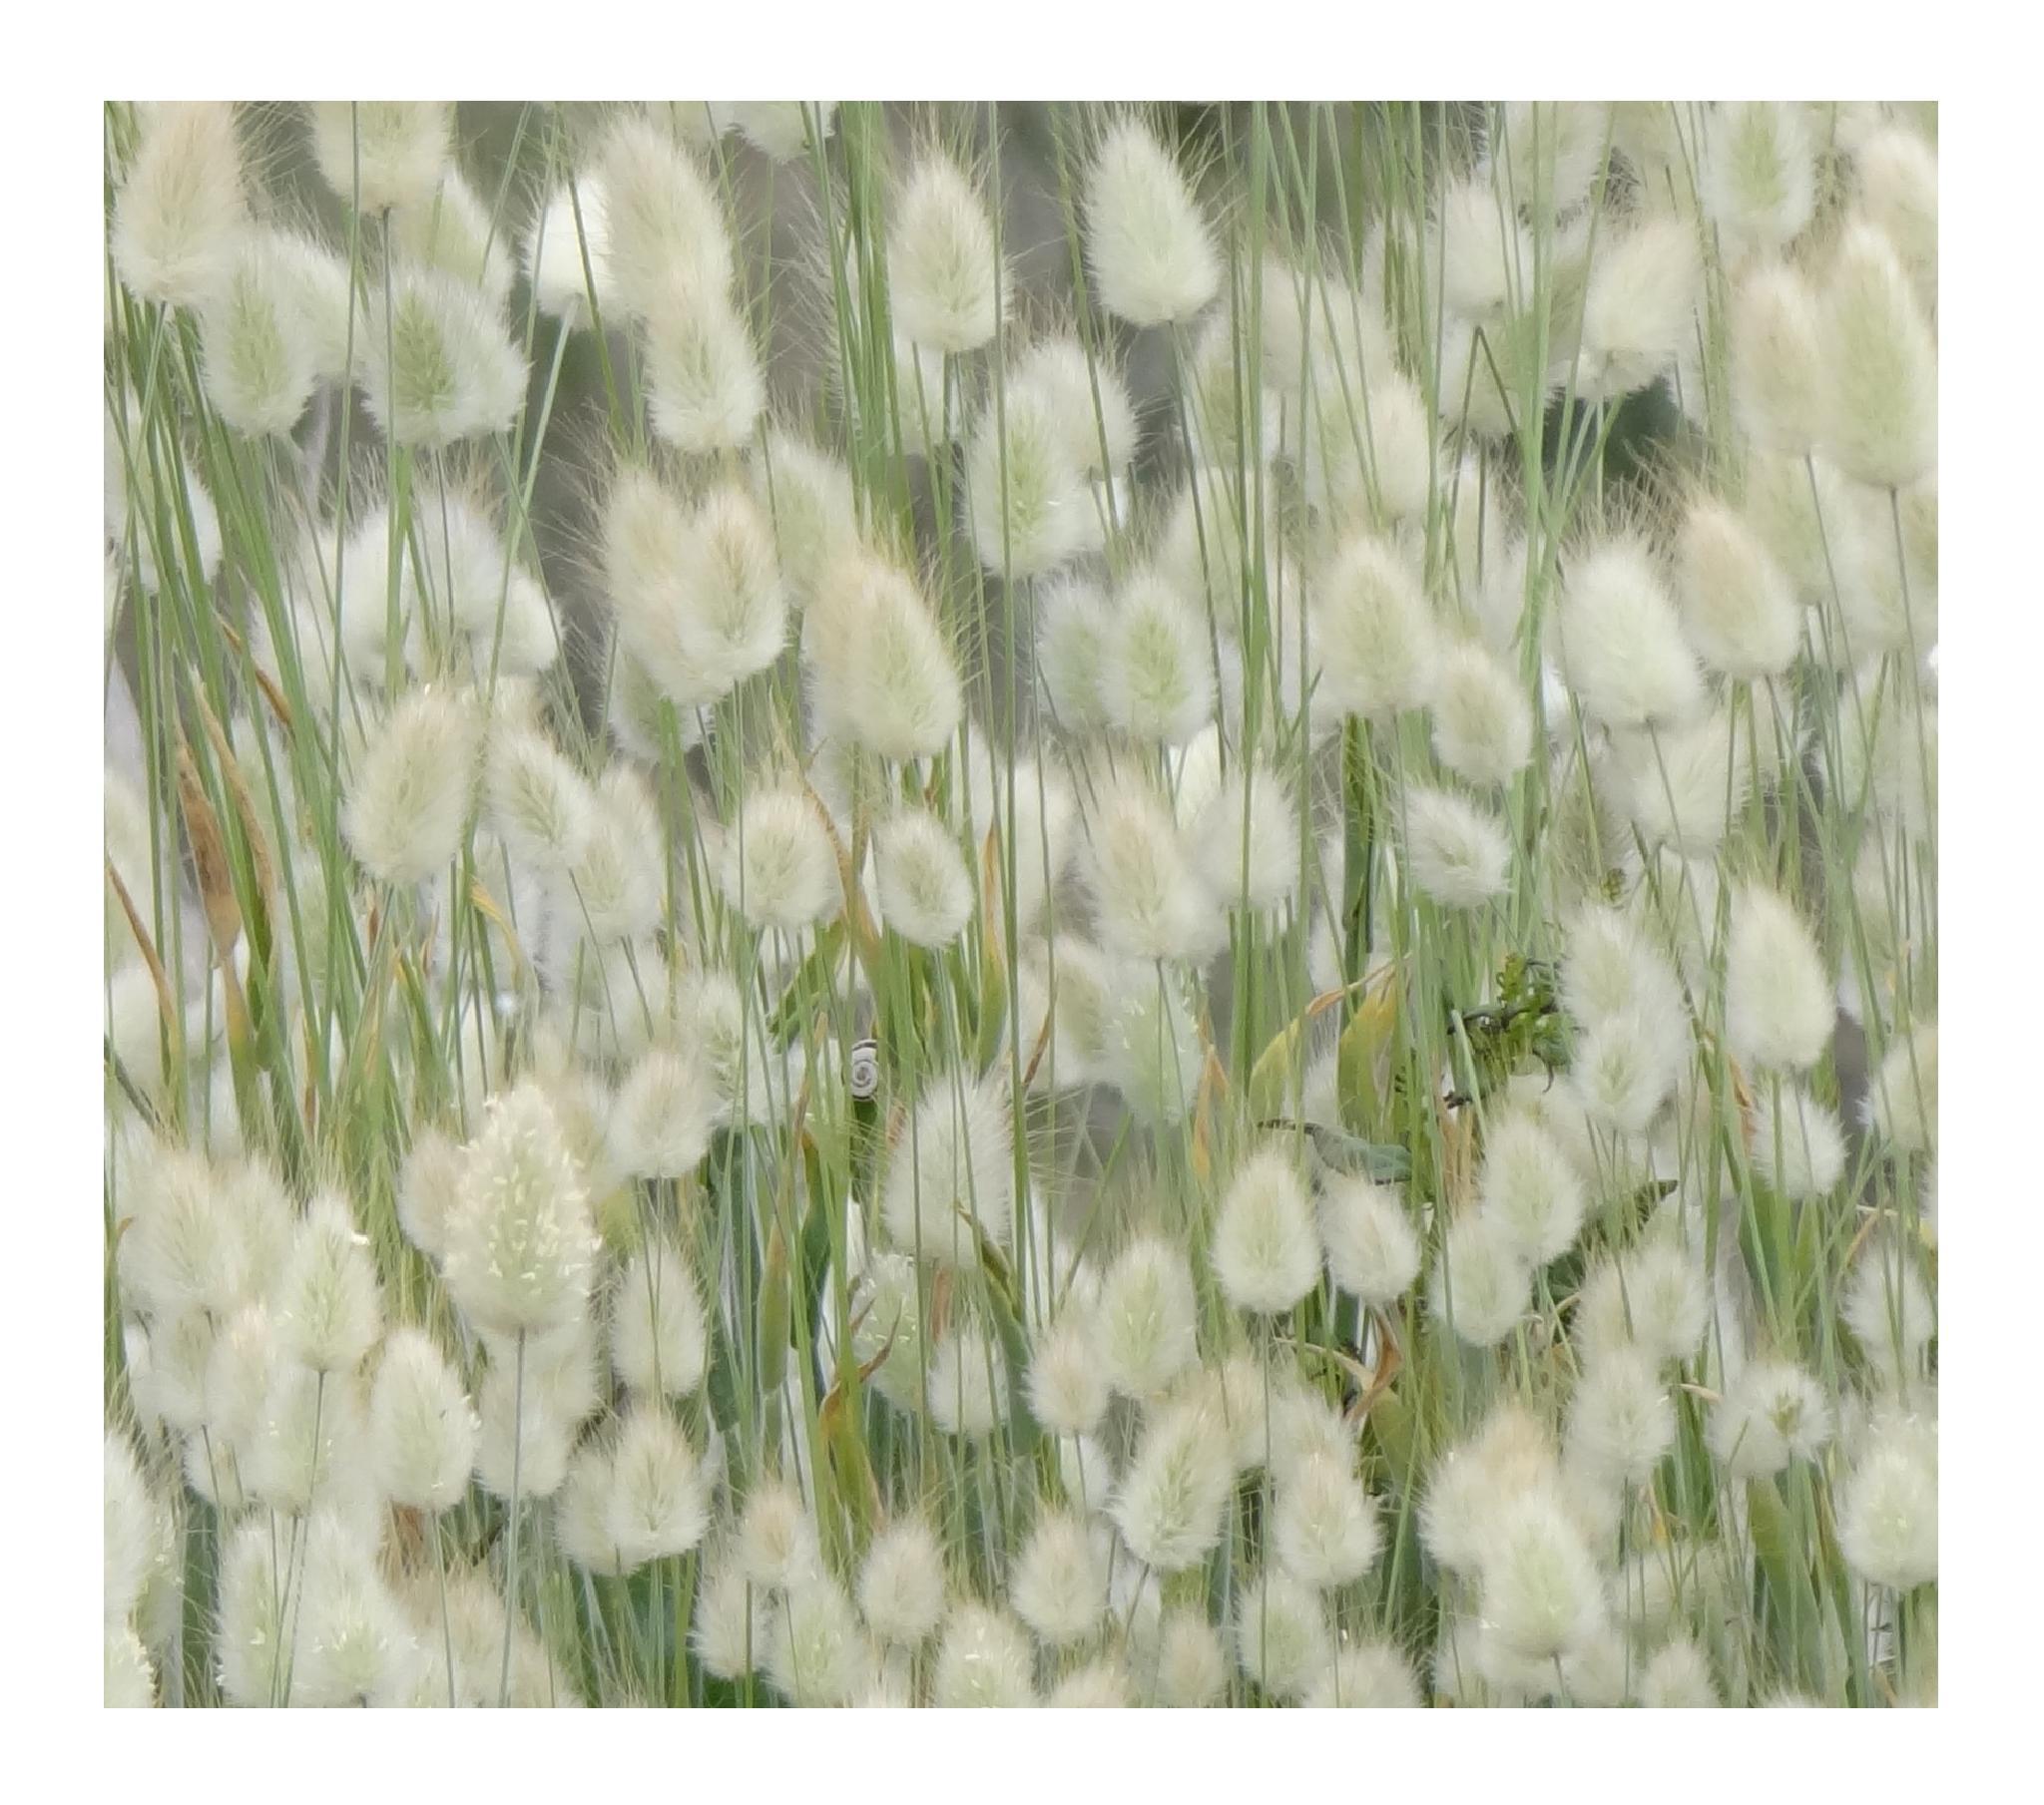 softness by Krystyna Flis